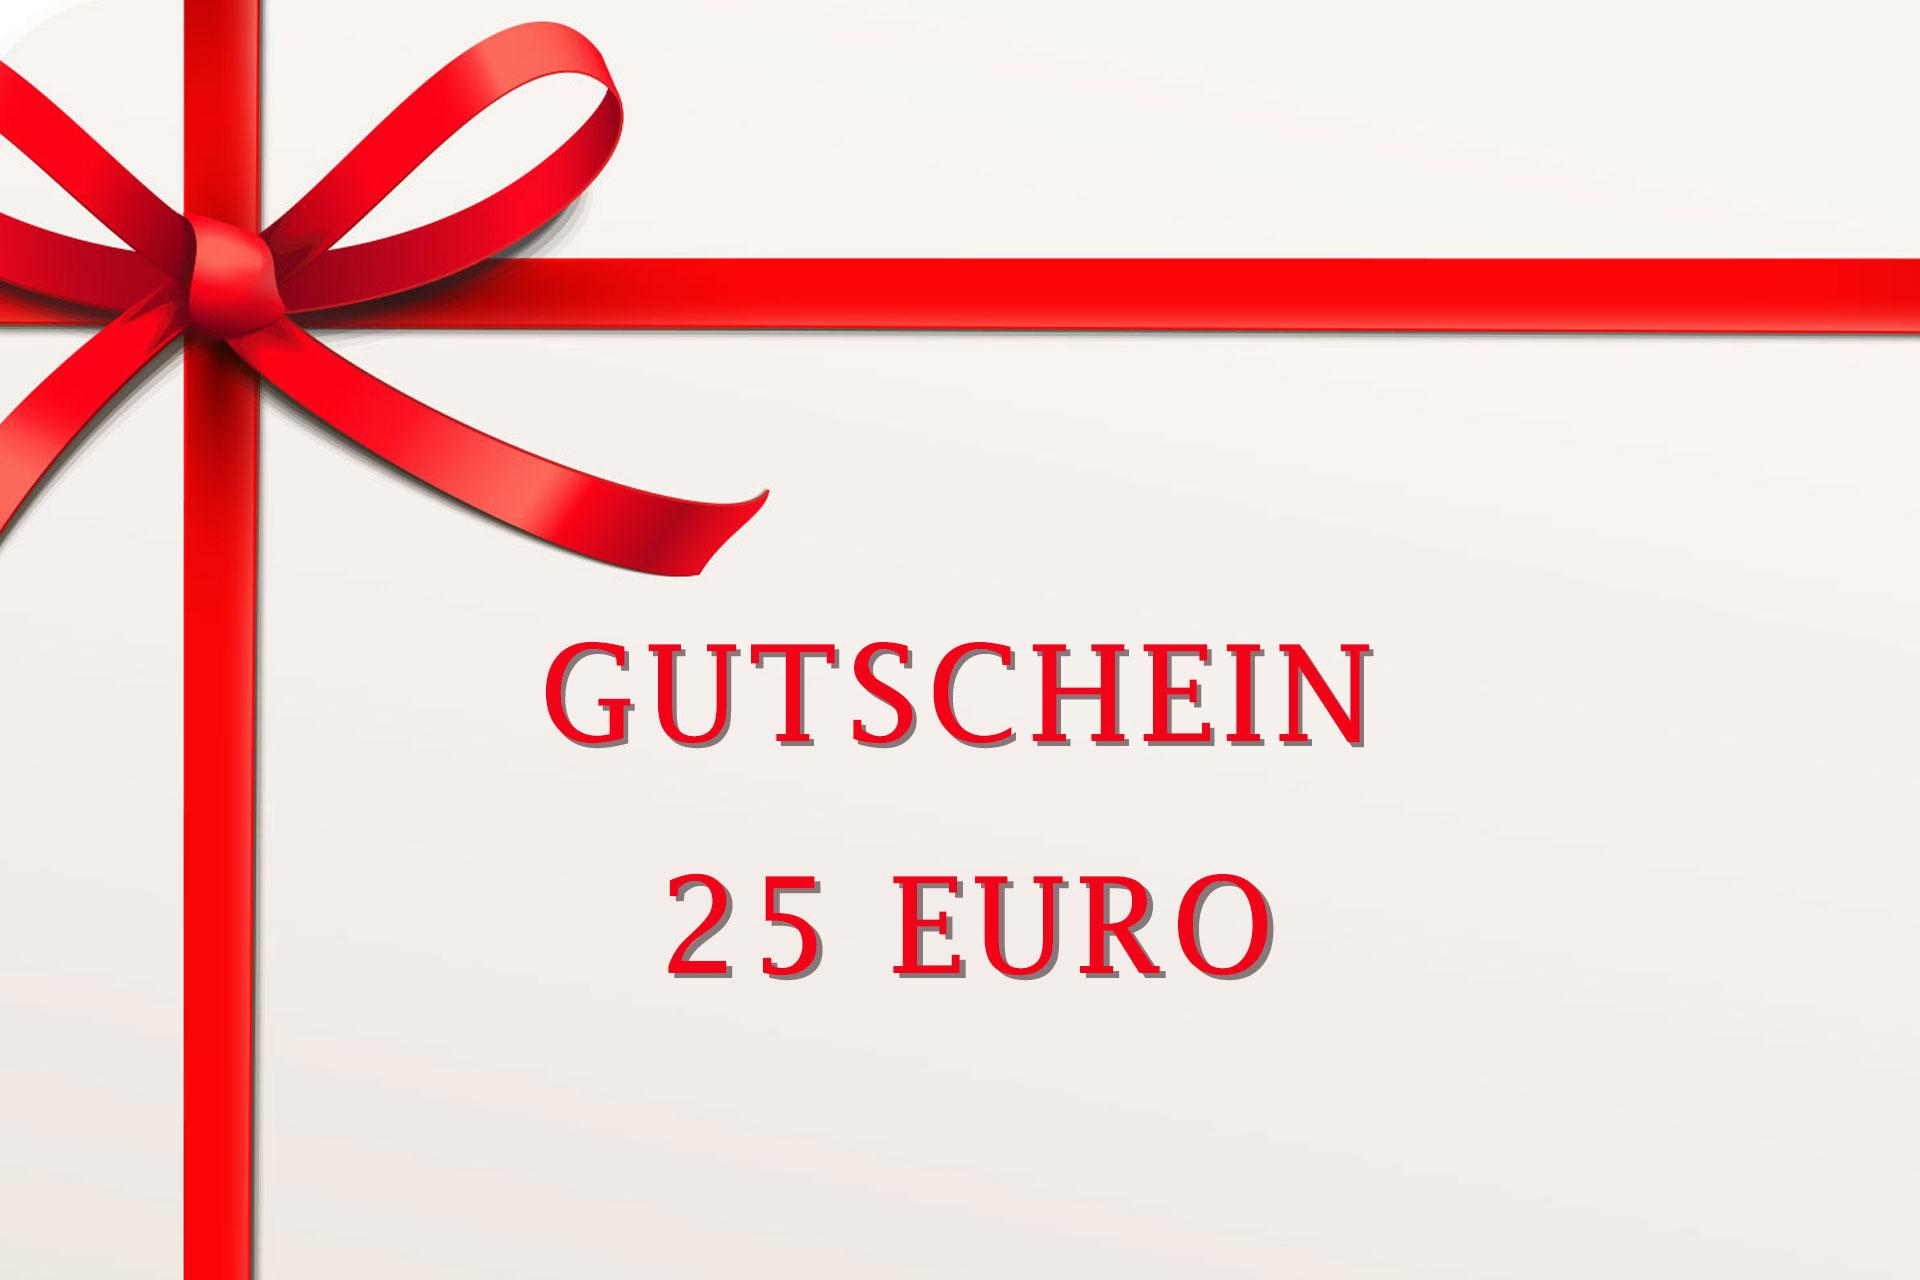 About You 25 Gutschein